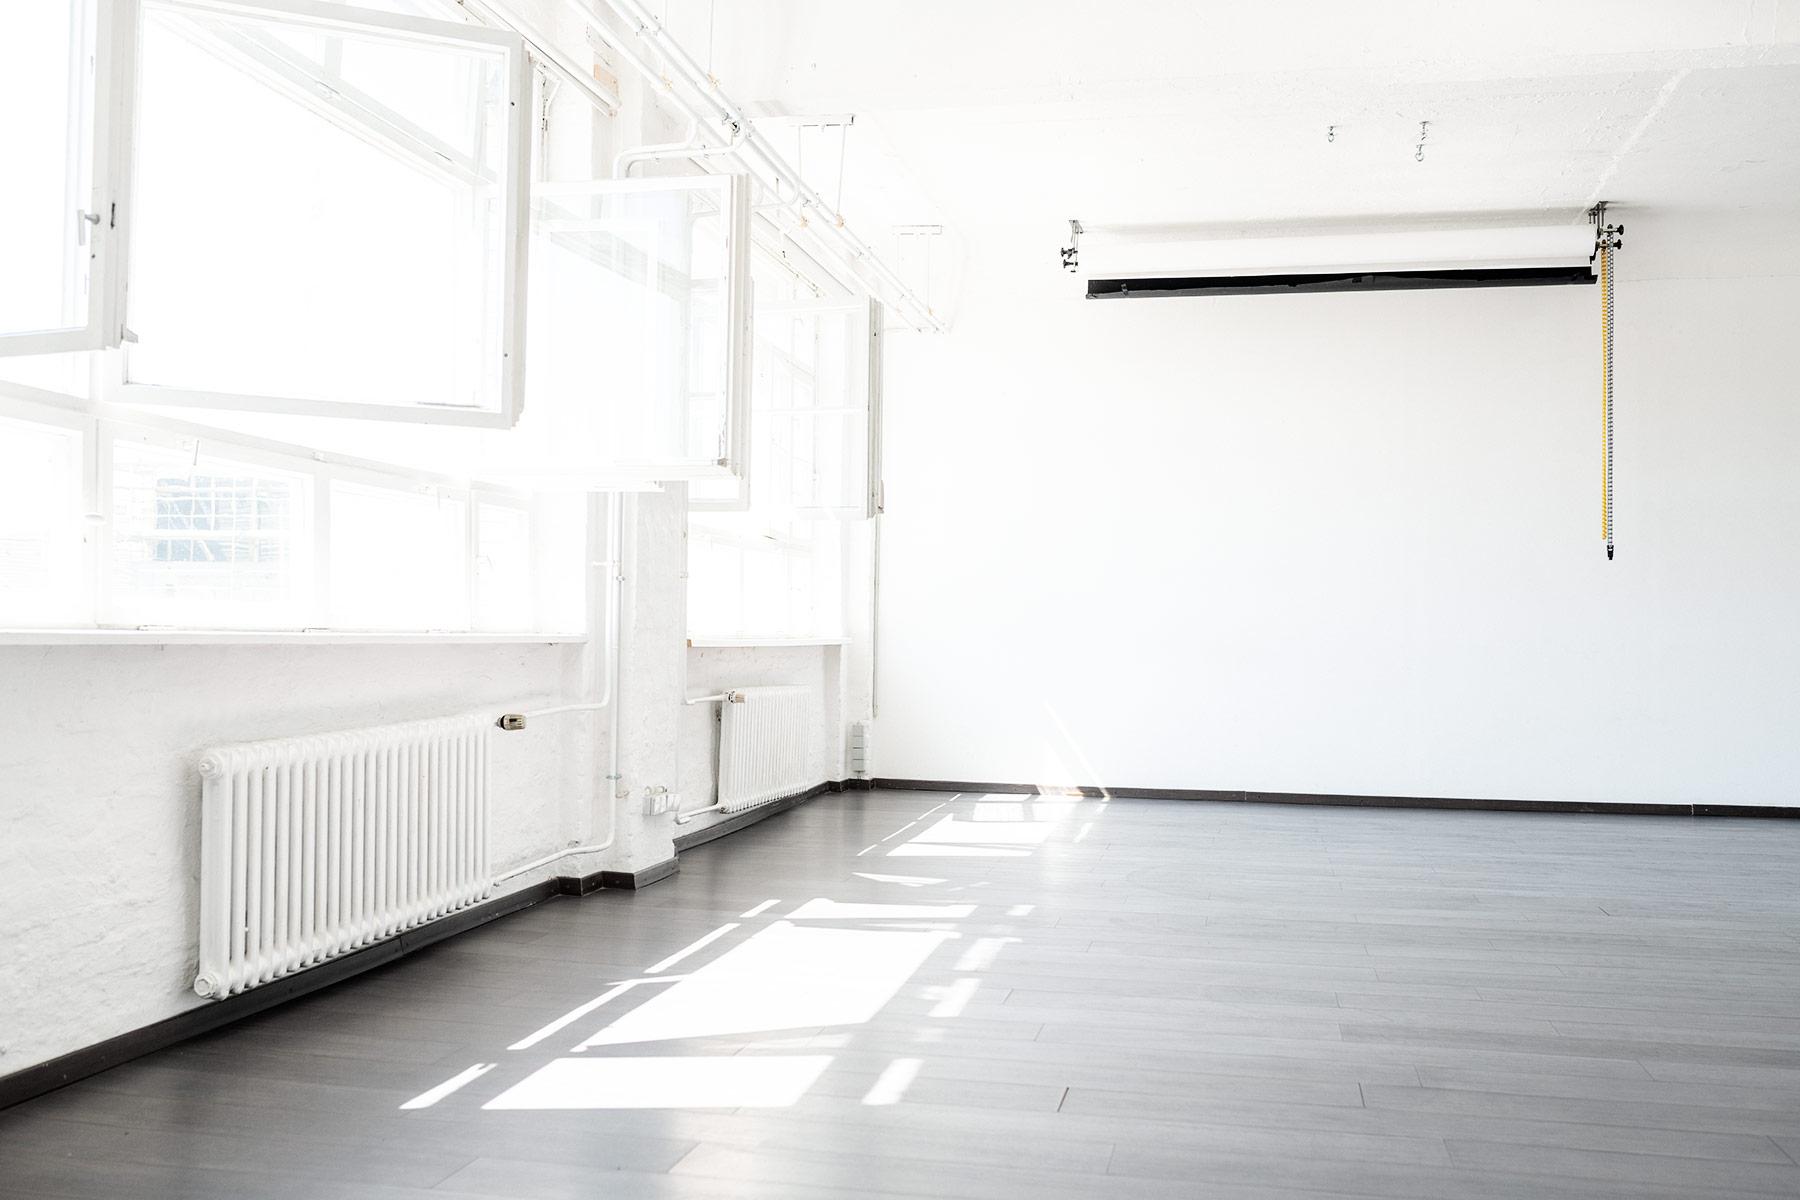 Mietstudio Berlin Friedrichshain